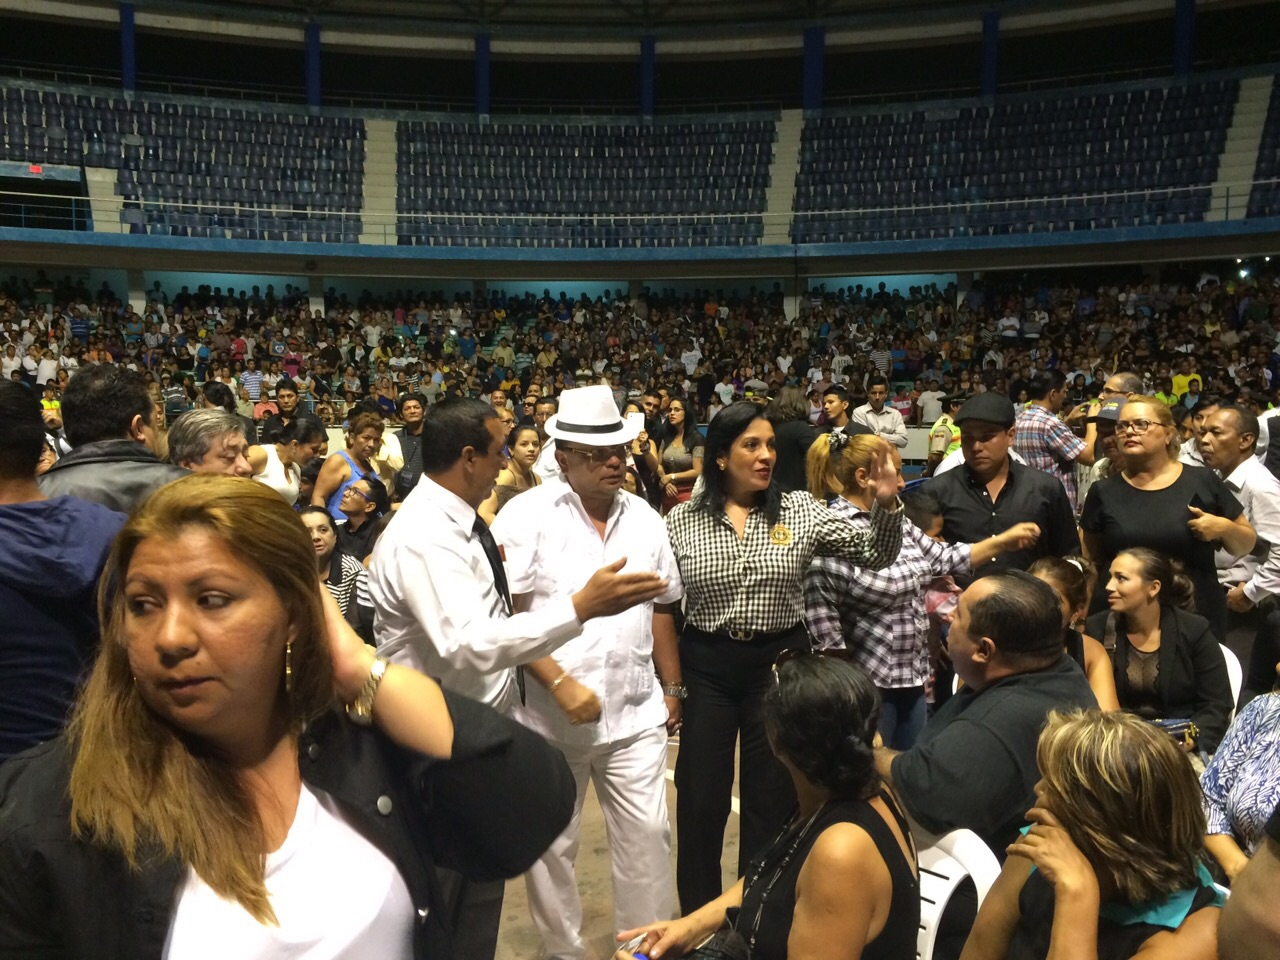 Velación de los restos de Sharon en el Coliseo Cerrado, en Guayaquil. (La República EC / Julián Ceballos)